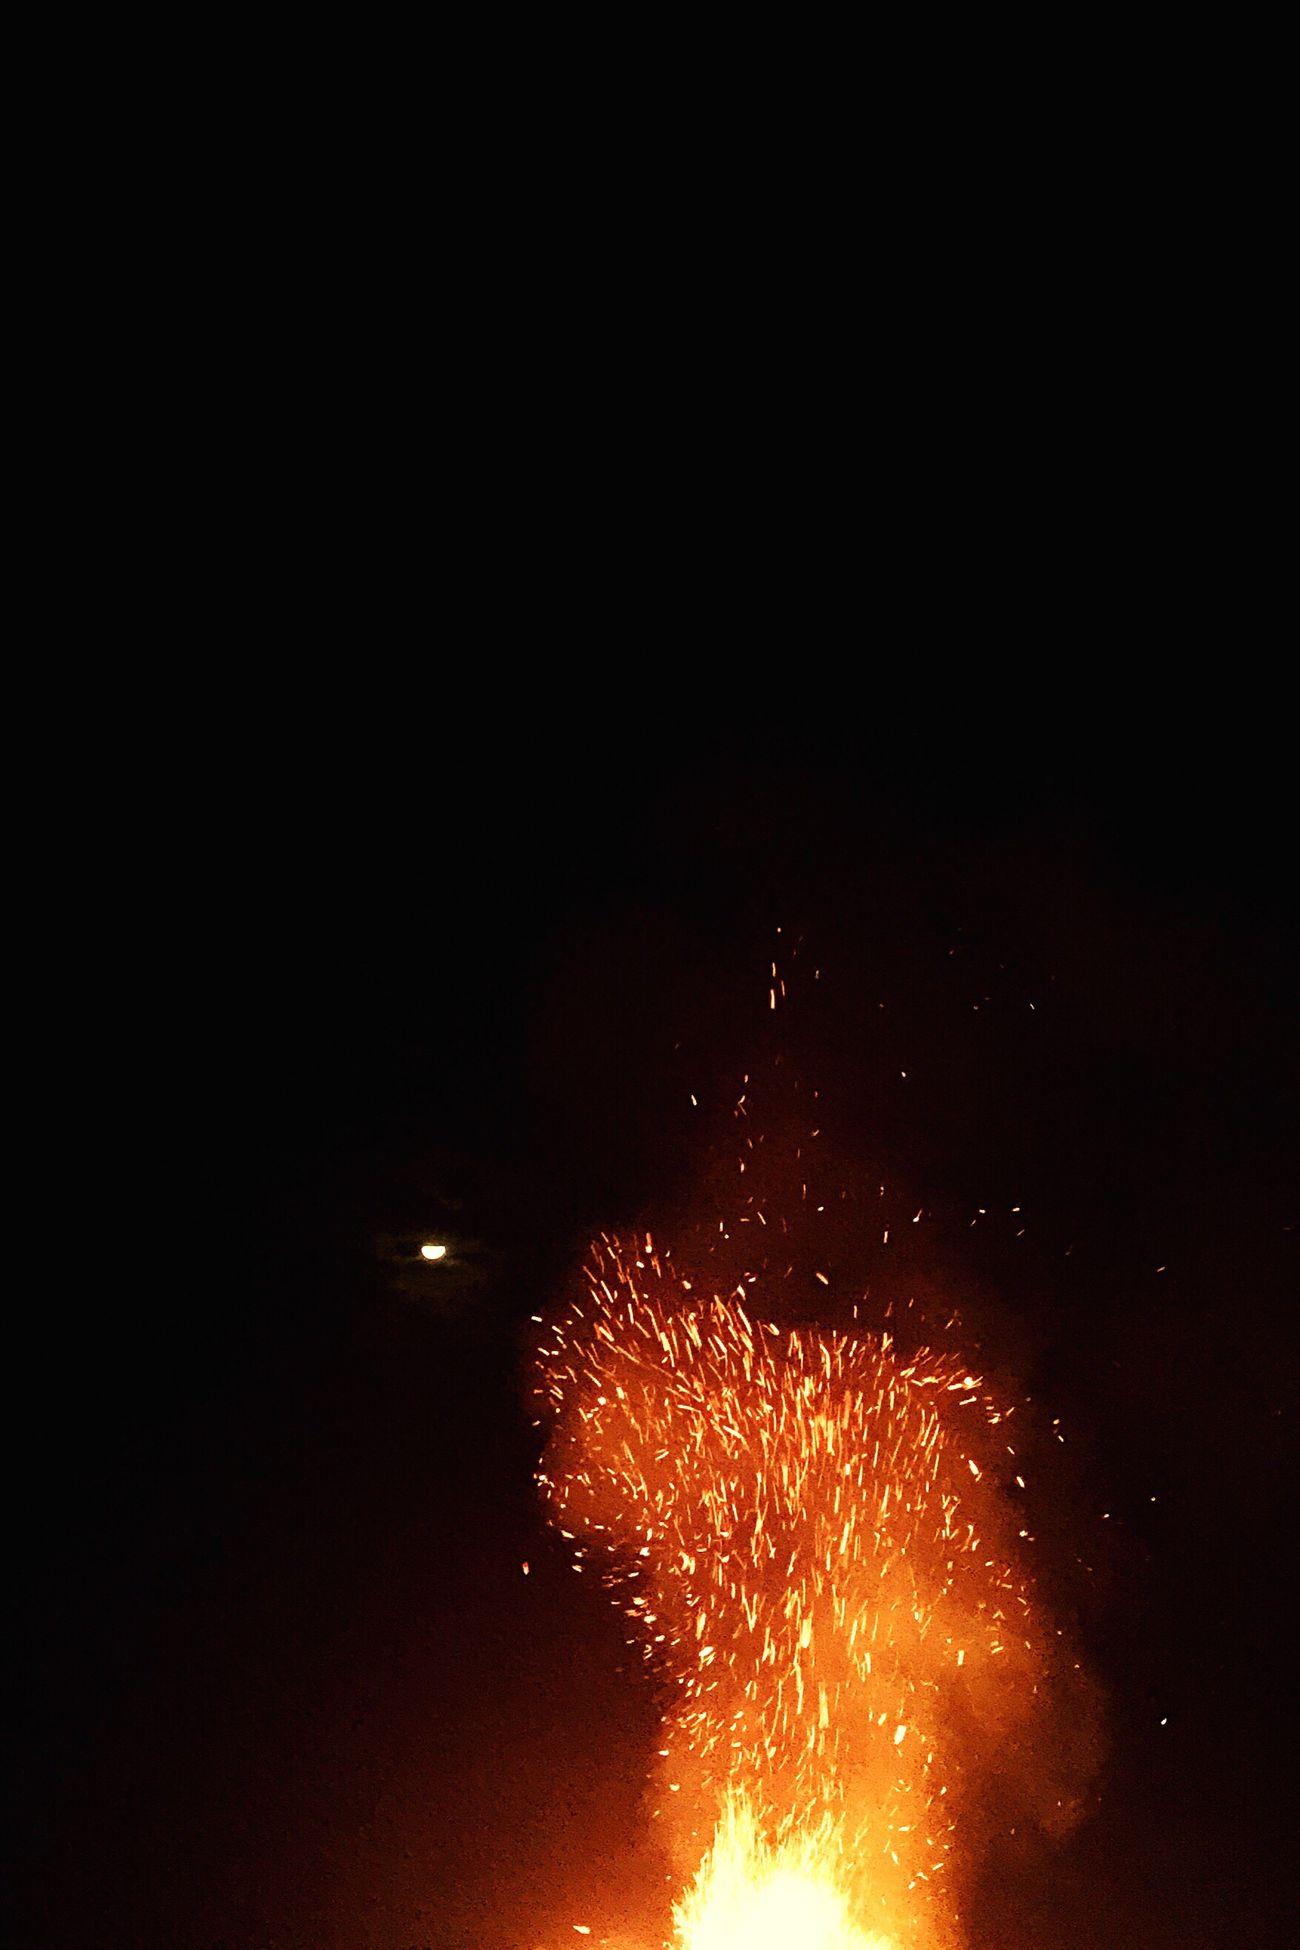 景 Motion Heat - Temperature Glowing Long Exposure Sparks Smoke - Physical Structure Night Exploding Firework - Man Made Object Firework Display Celebration Illuminated No People Burning Outdoors